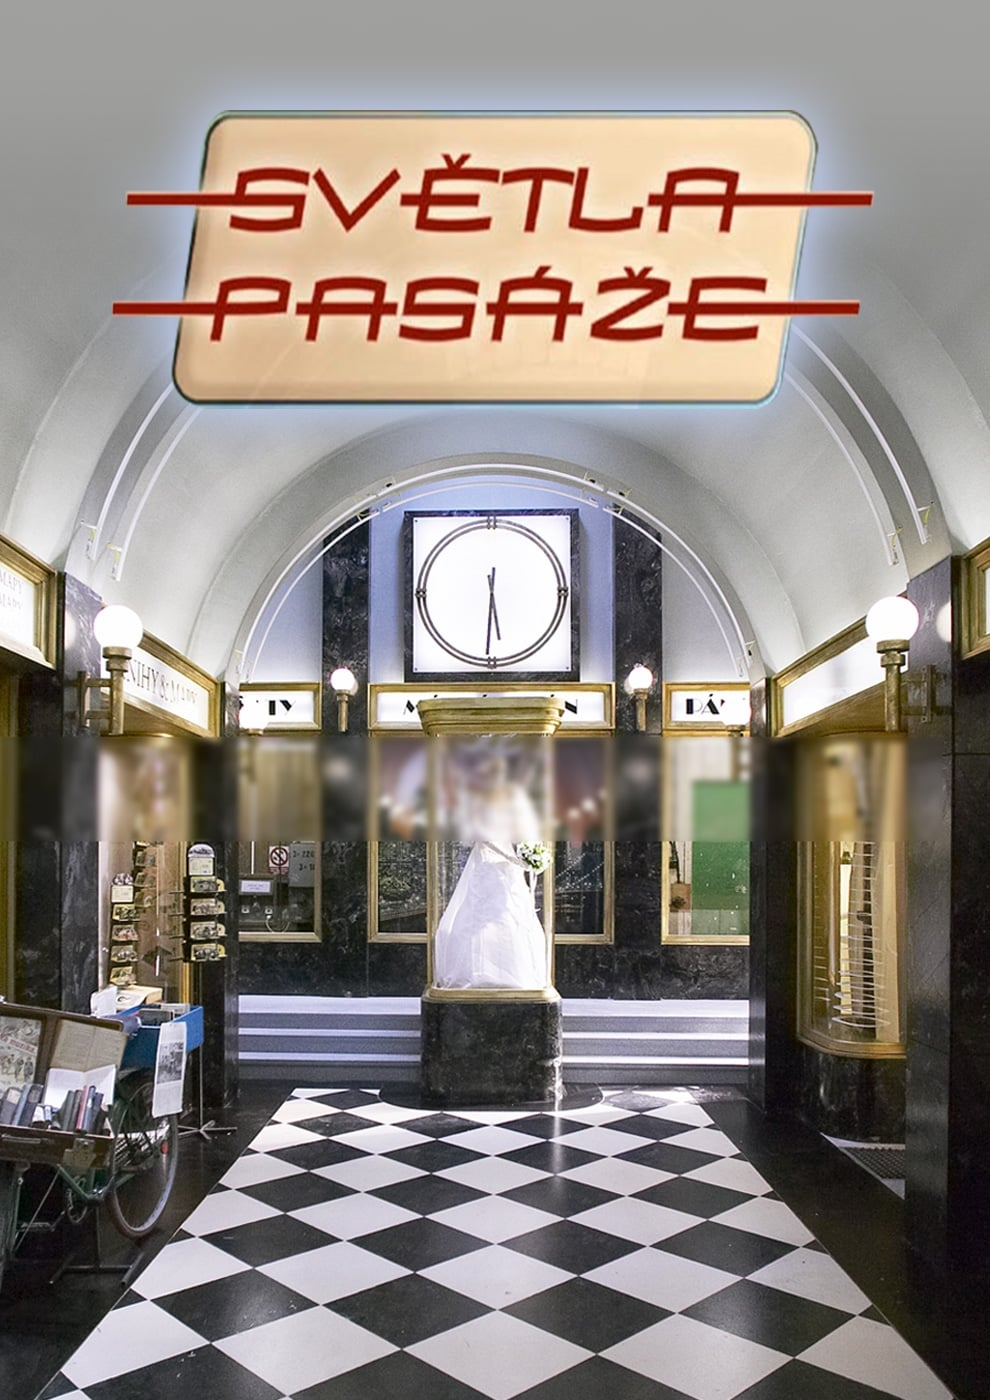 Světla pasáže (2007)